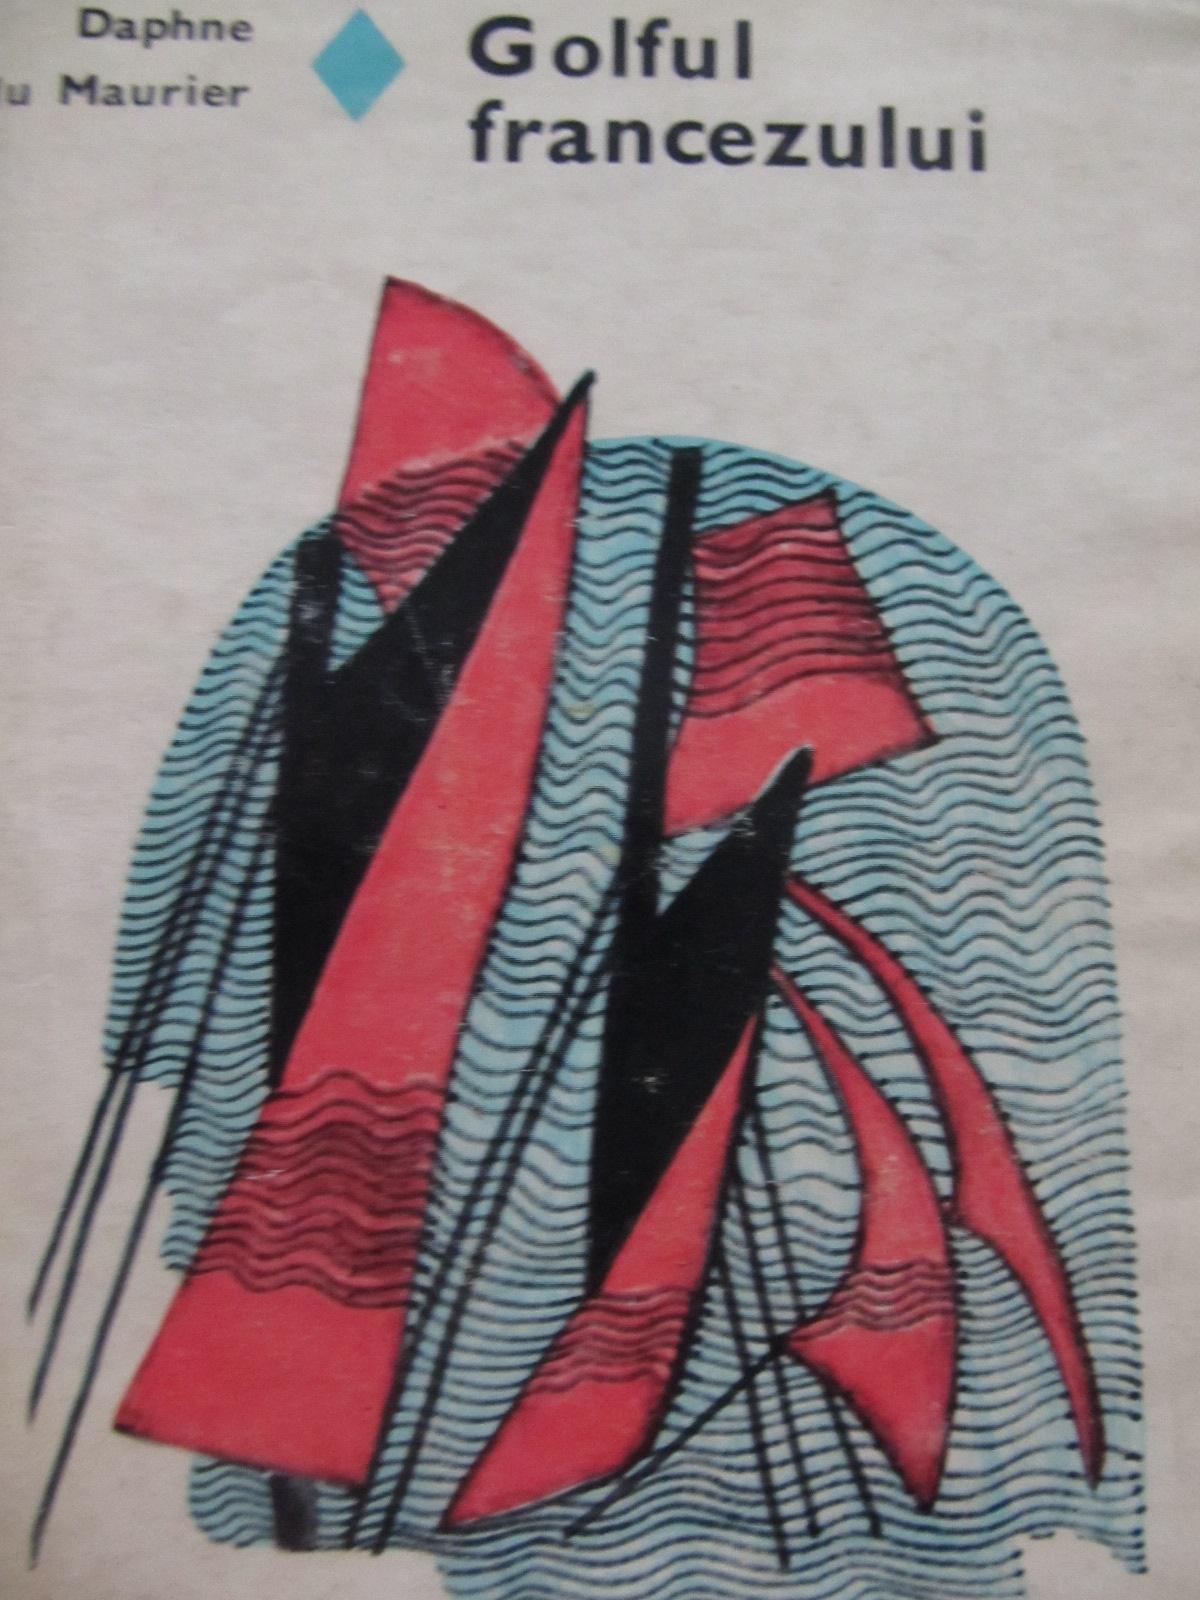 Golful francezului - Daphne du Maurier | Detalii carte